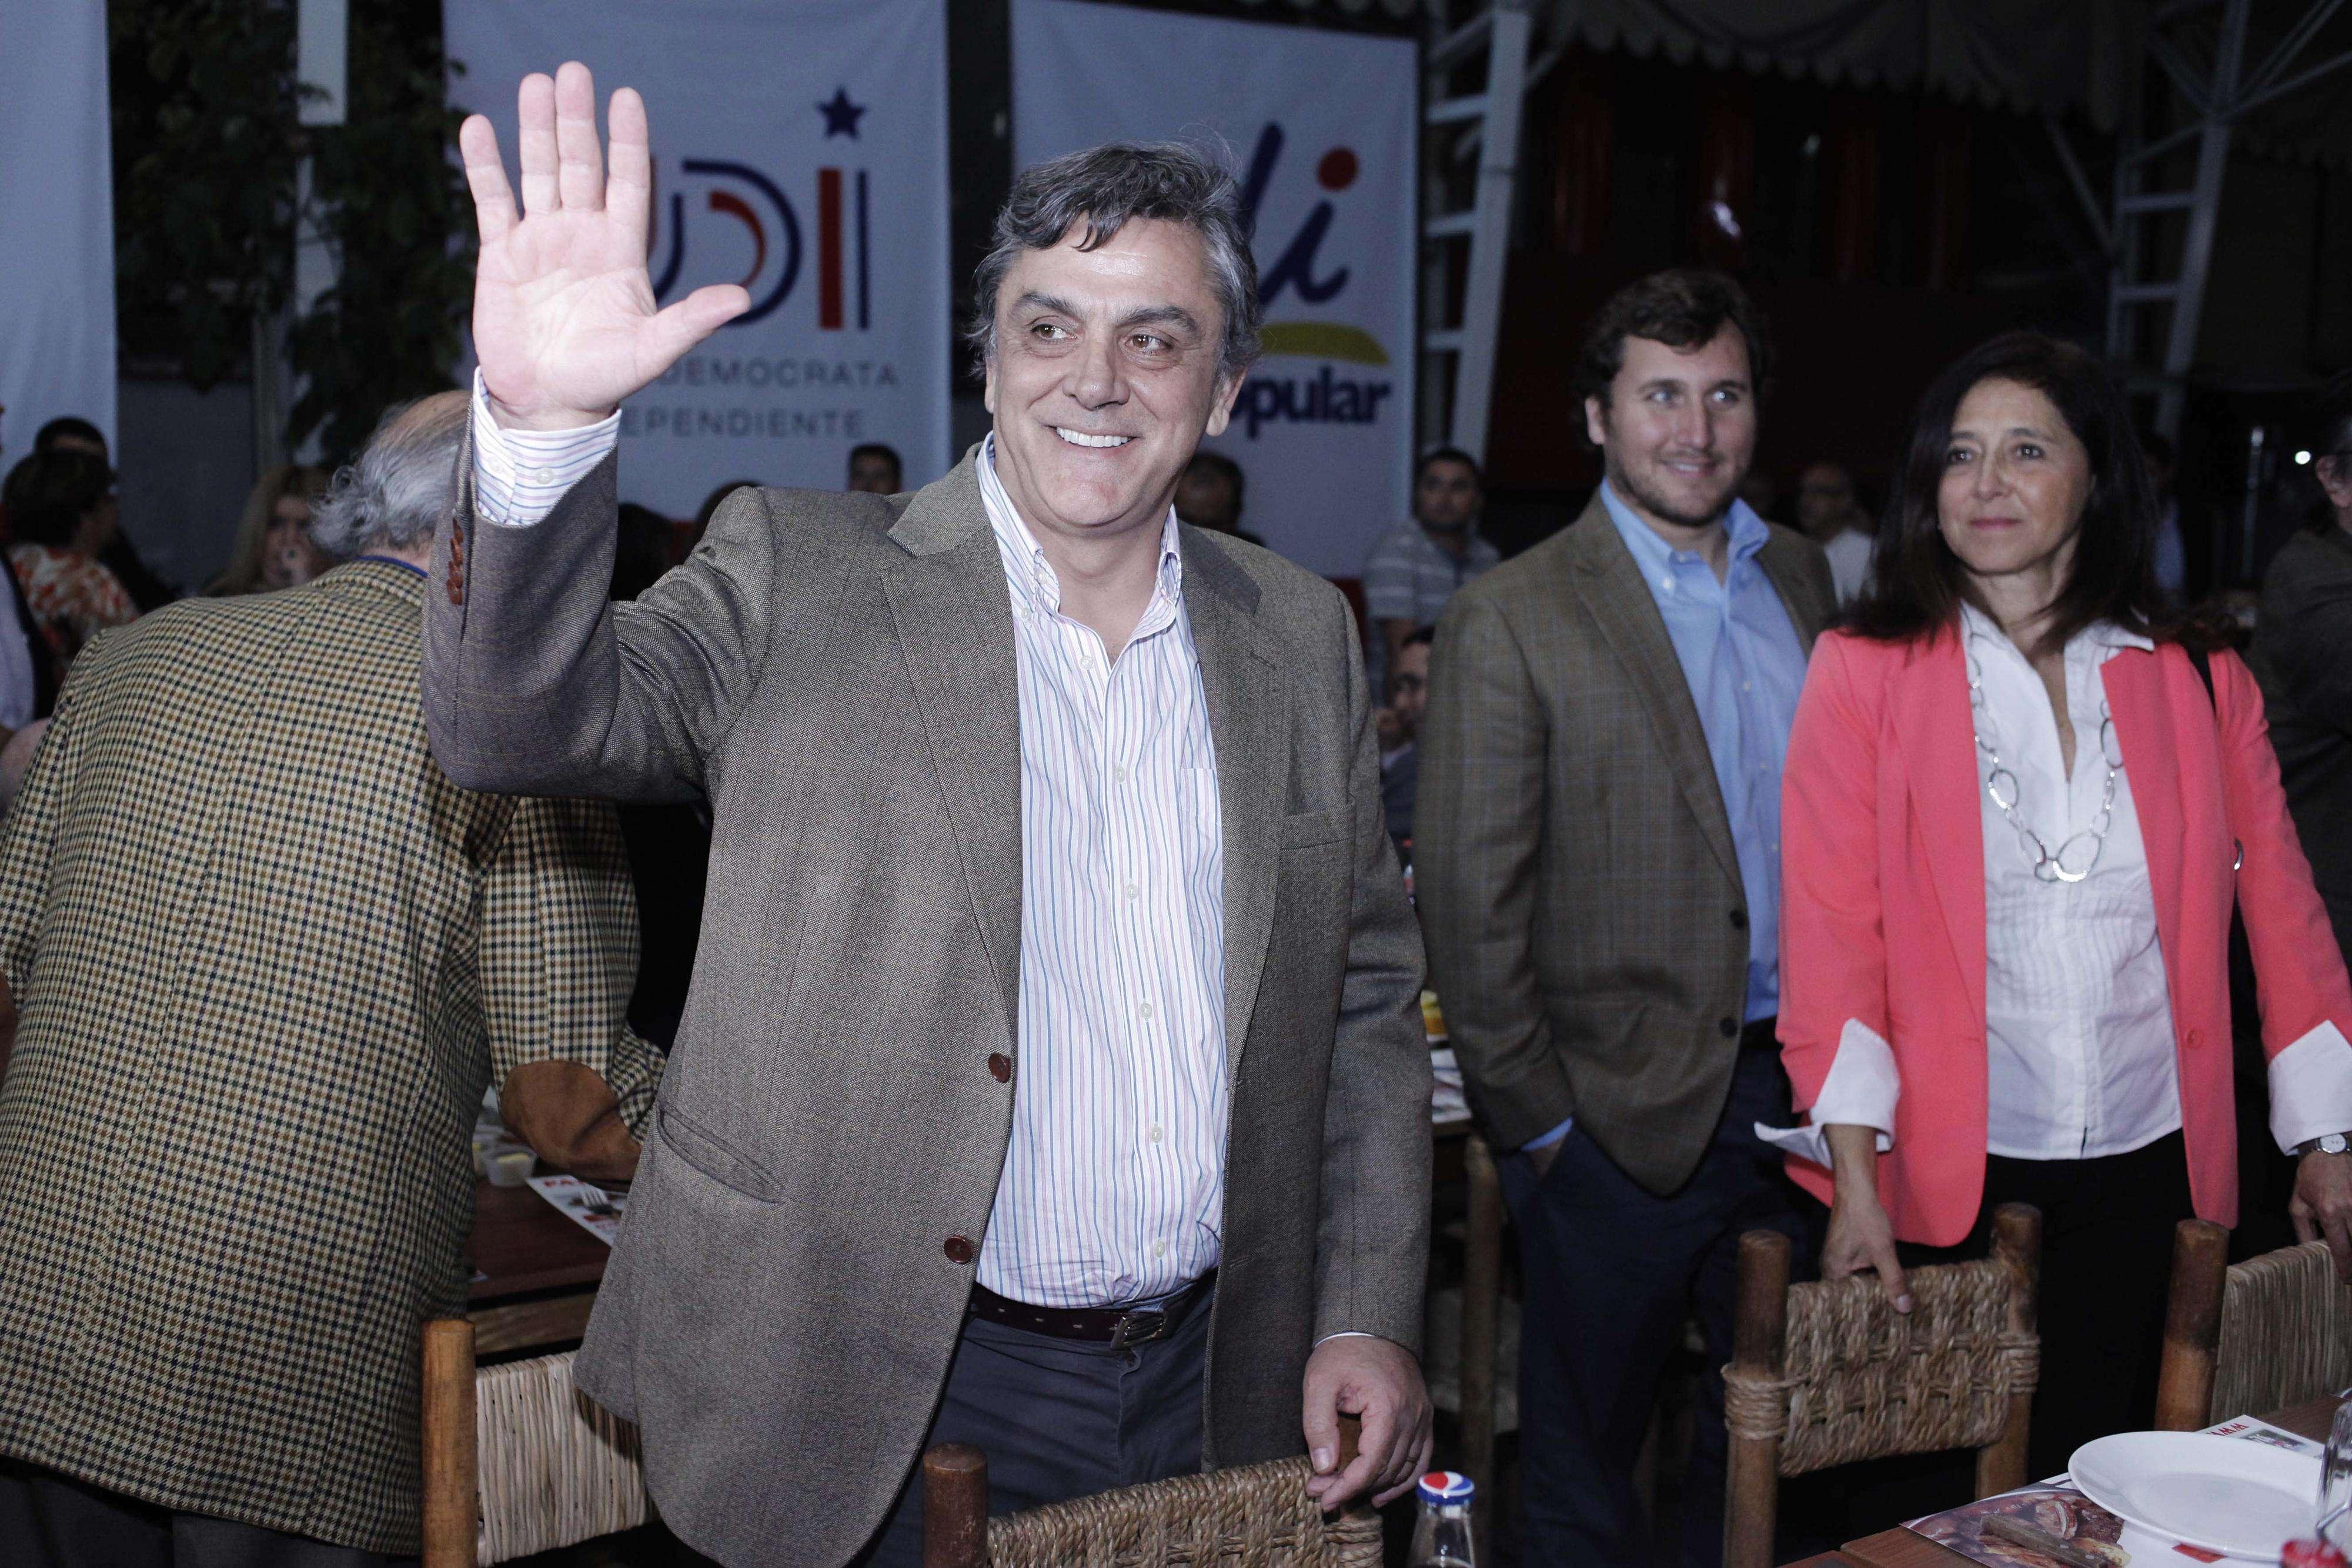 3 de Octubre de 2014/ SANTIAGO El ex ministro Pablo Longueira saluda al llegar a la cena de celebración de los 31 años de formación del partido Unión Demócrata Independiente (UDI), que se realiza en el Restaurante Las Parrilladas Argentinas. Foto: Agencia UNO